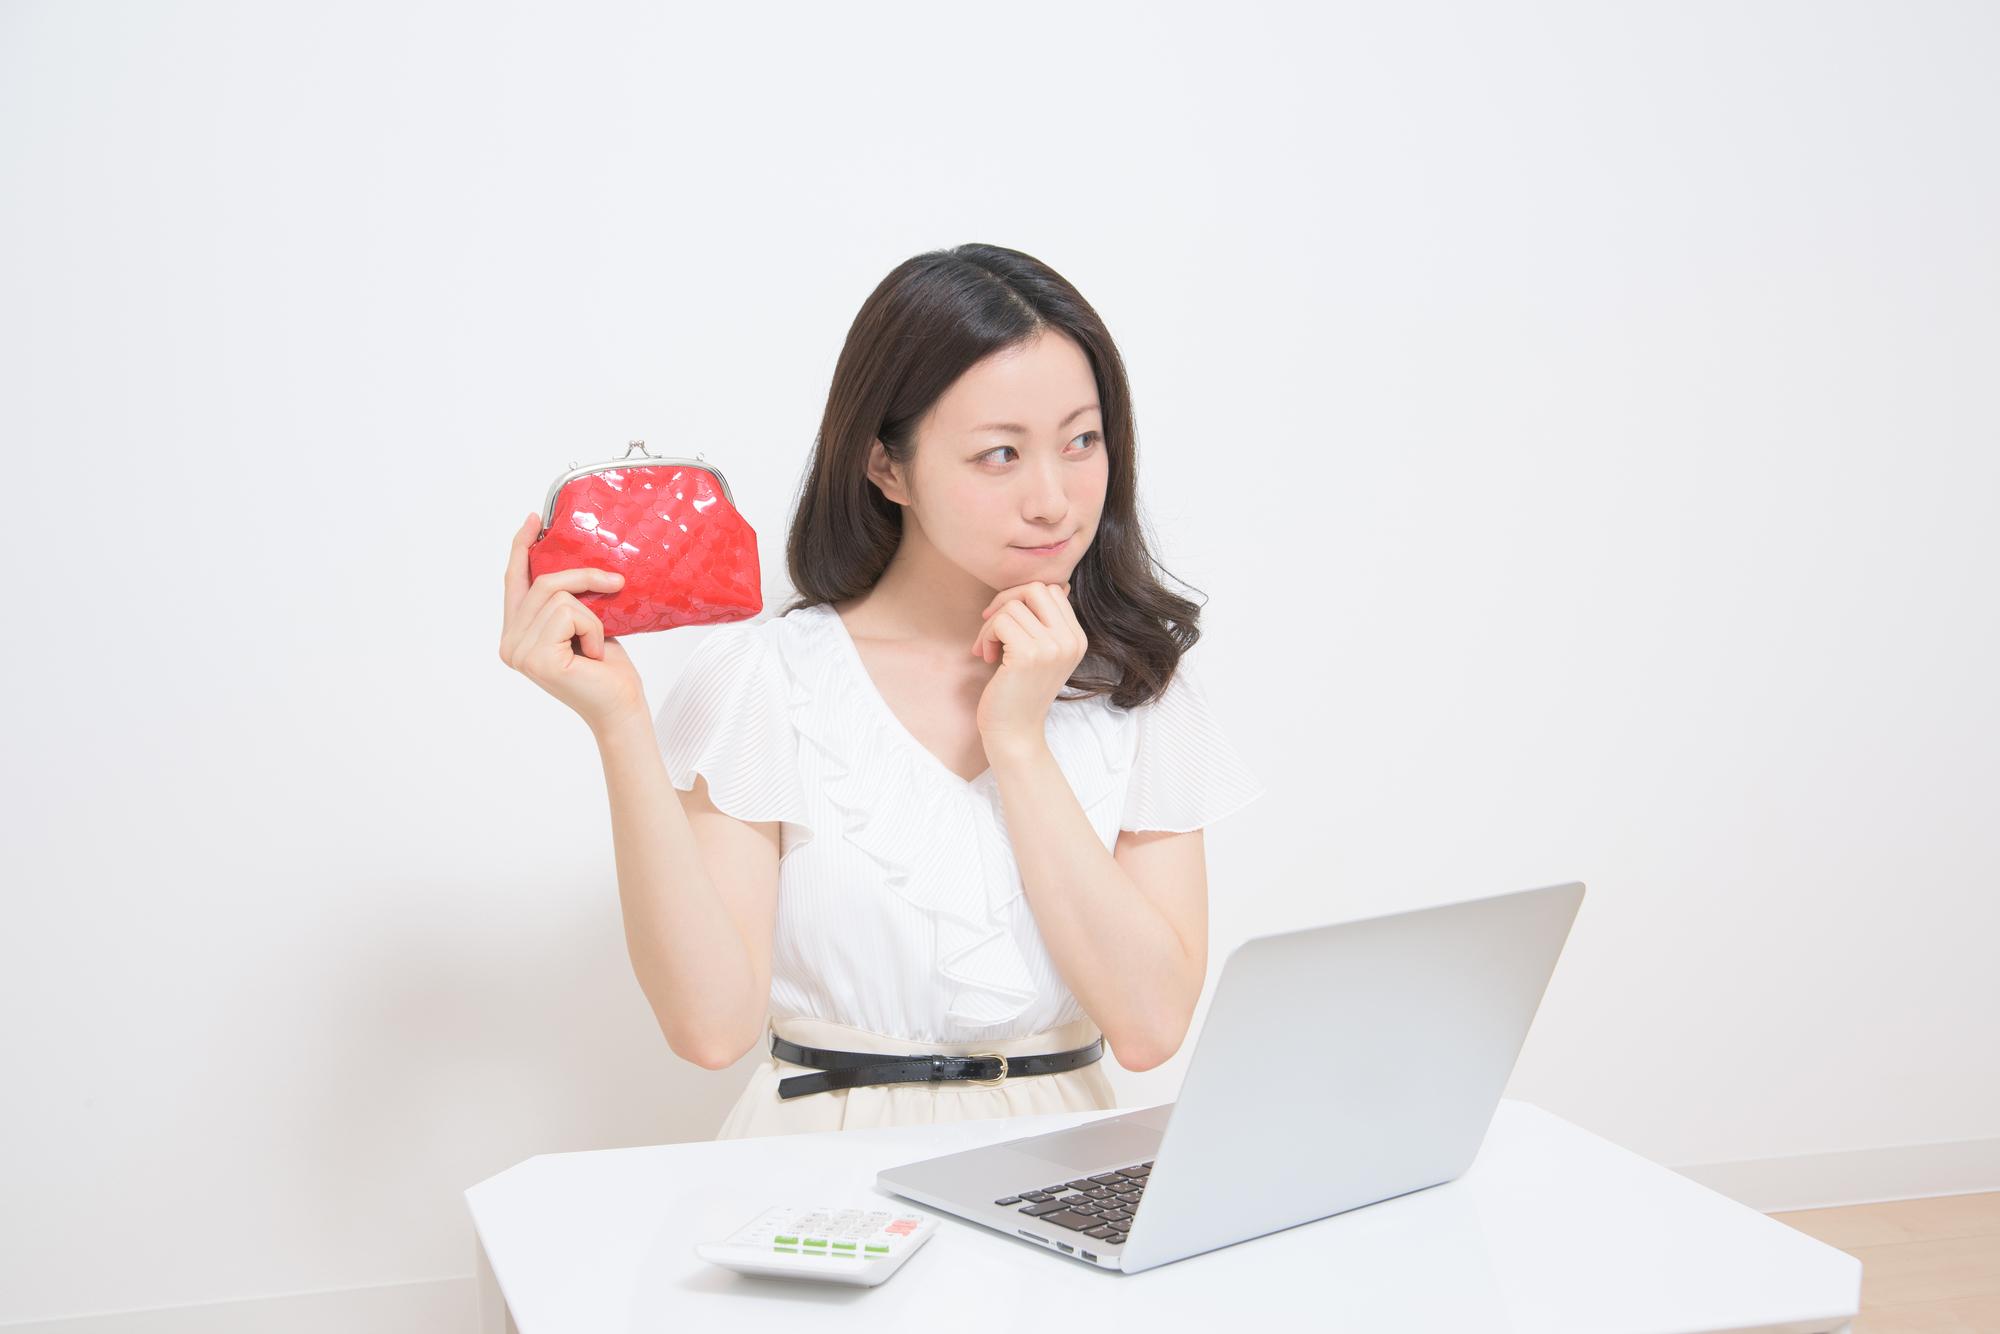 パソコンでキャッシングを申し込む女性